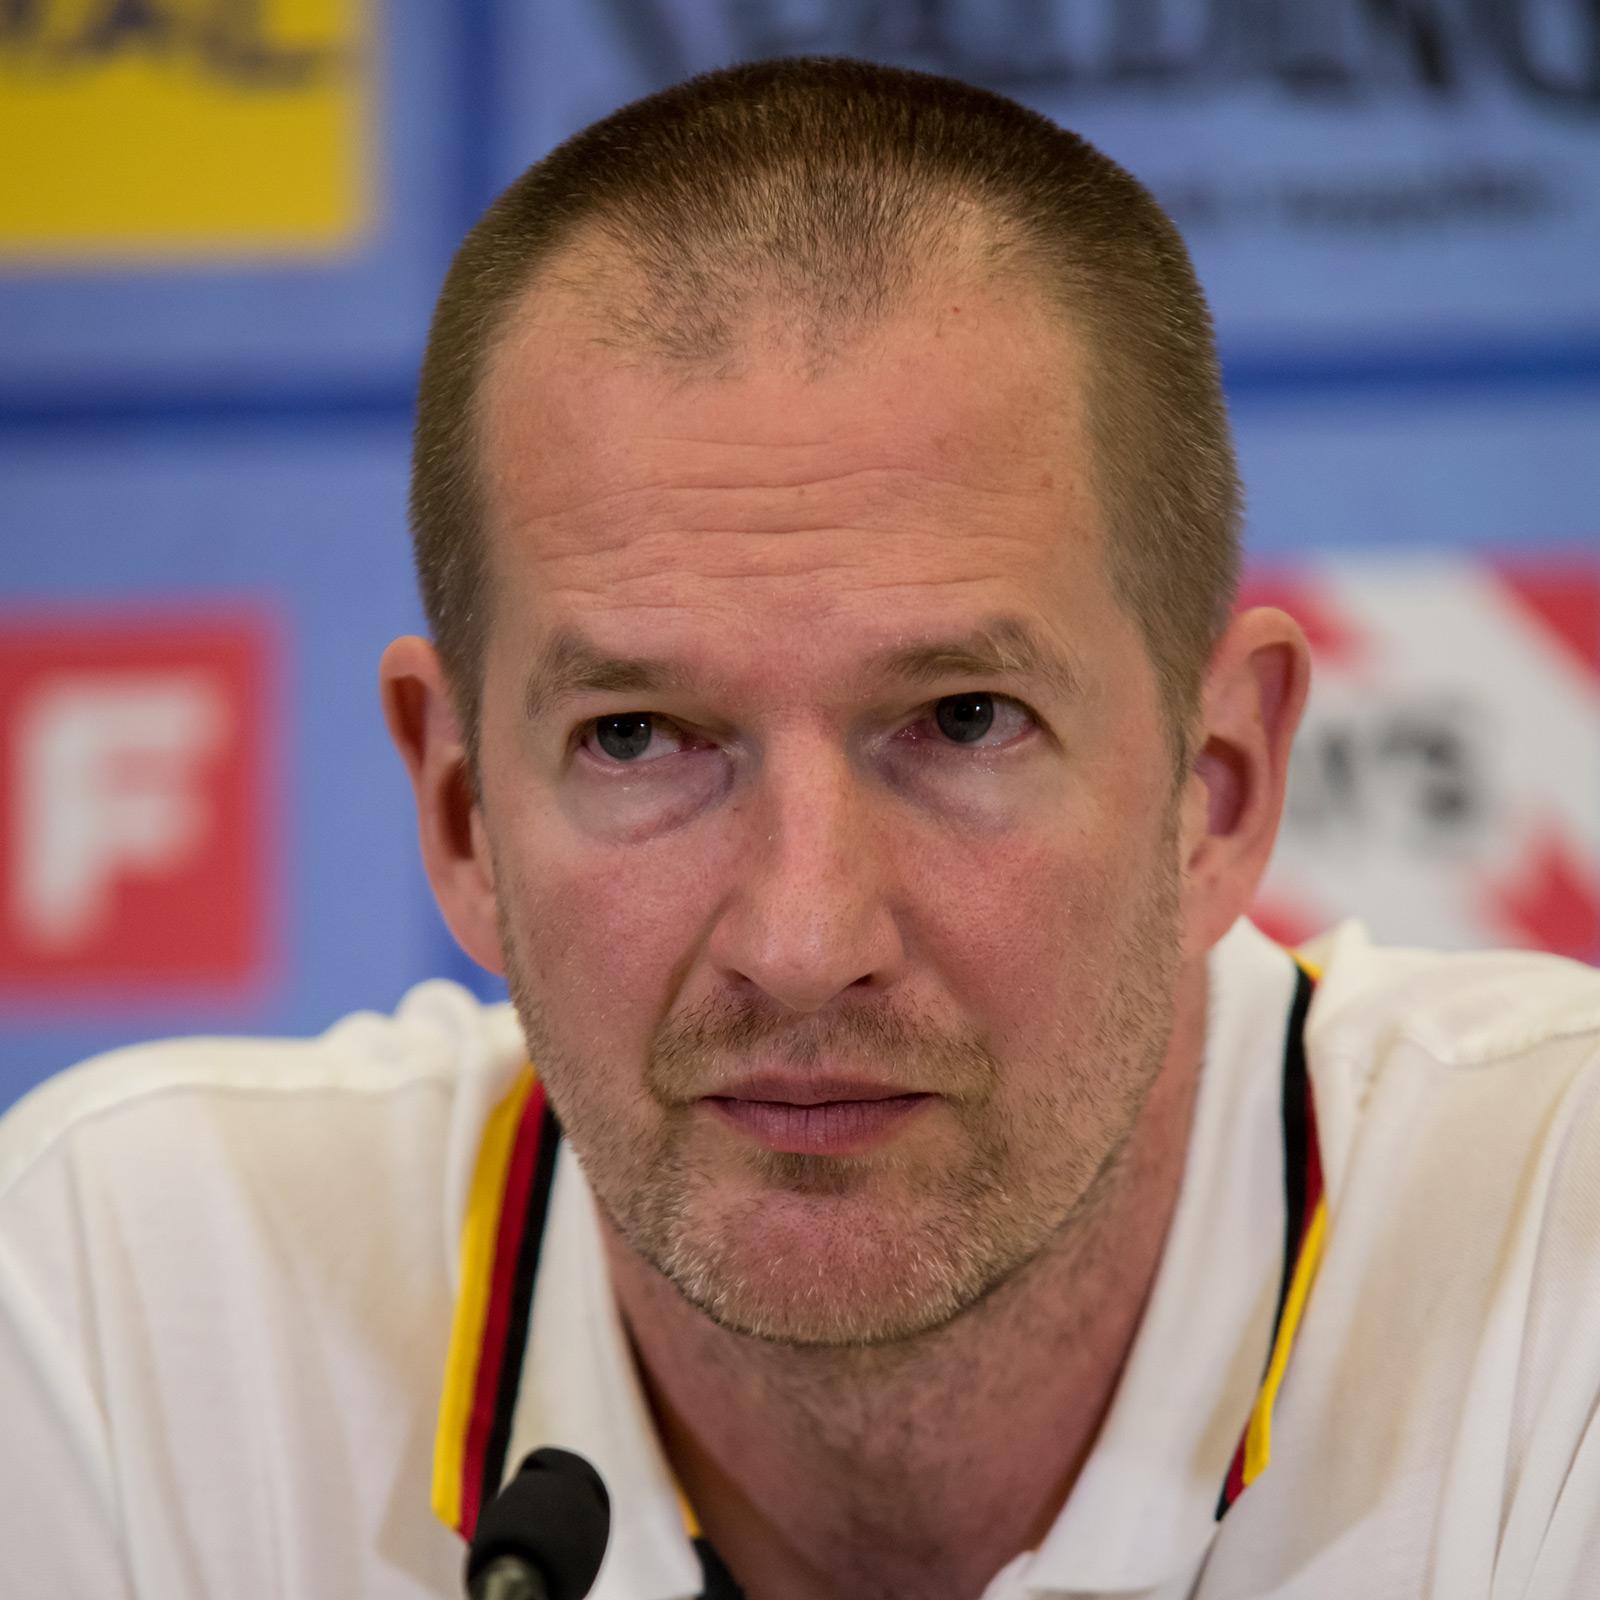 Henrik Rödl in seiner Funktion als Bundestrainer des DBB Foto: wikimedia commons, user Granada, under CC BY-SA 4.0 International license